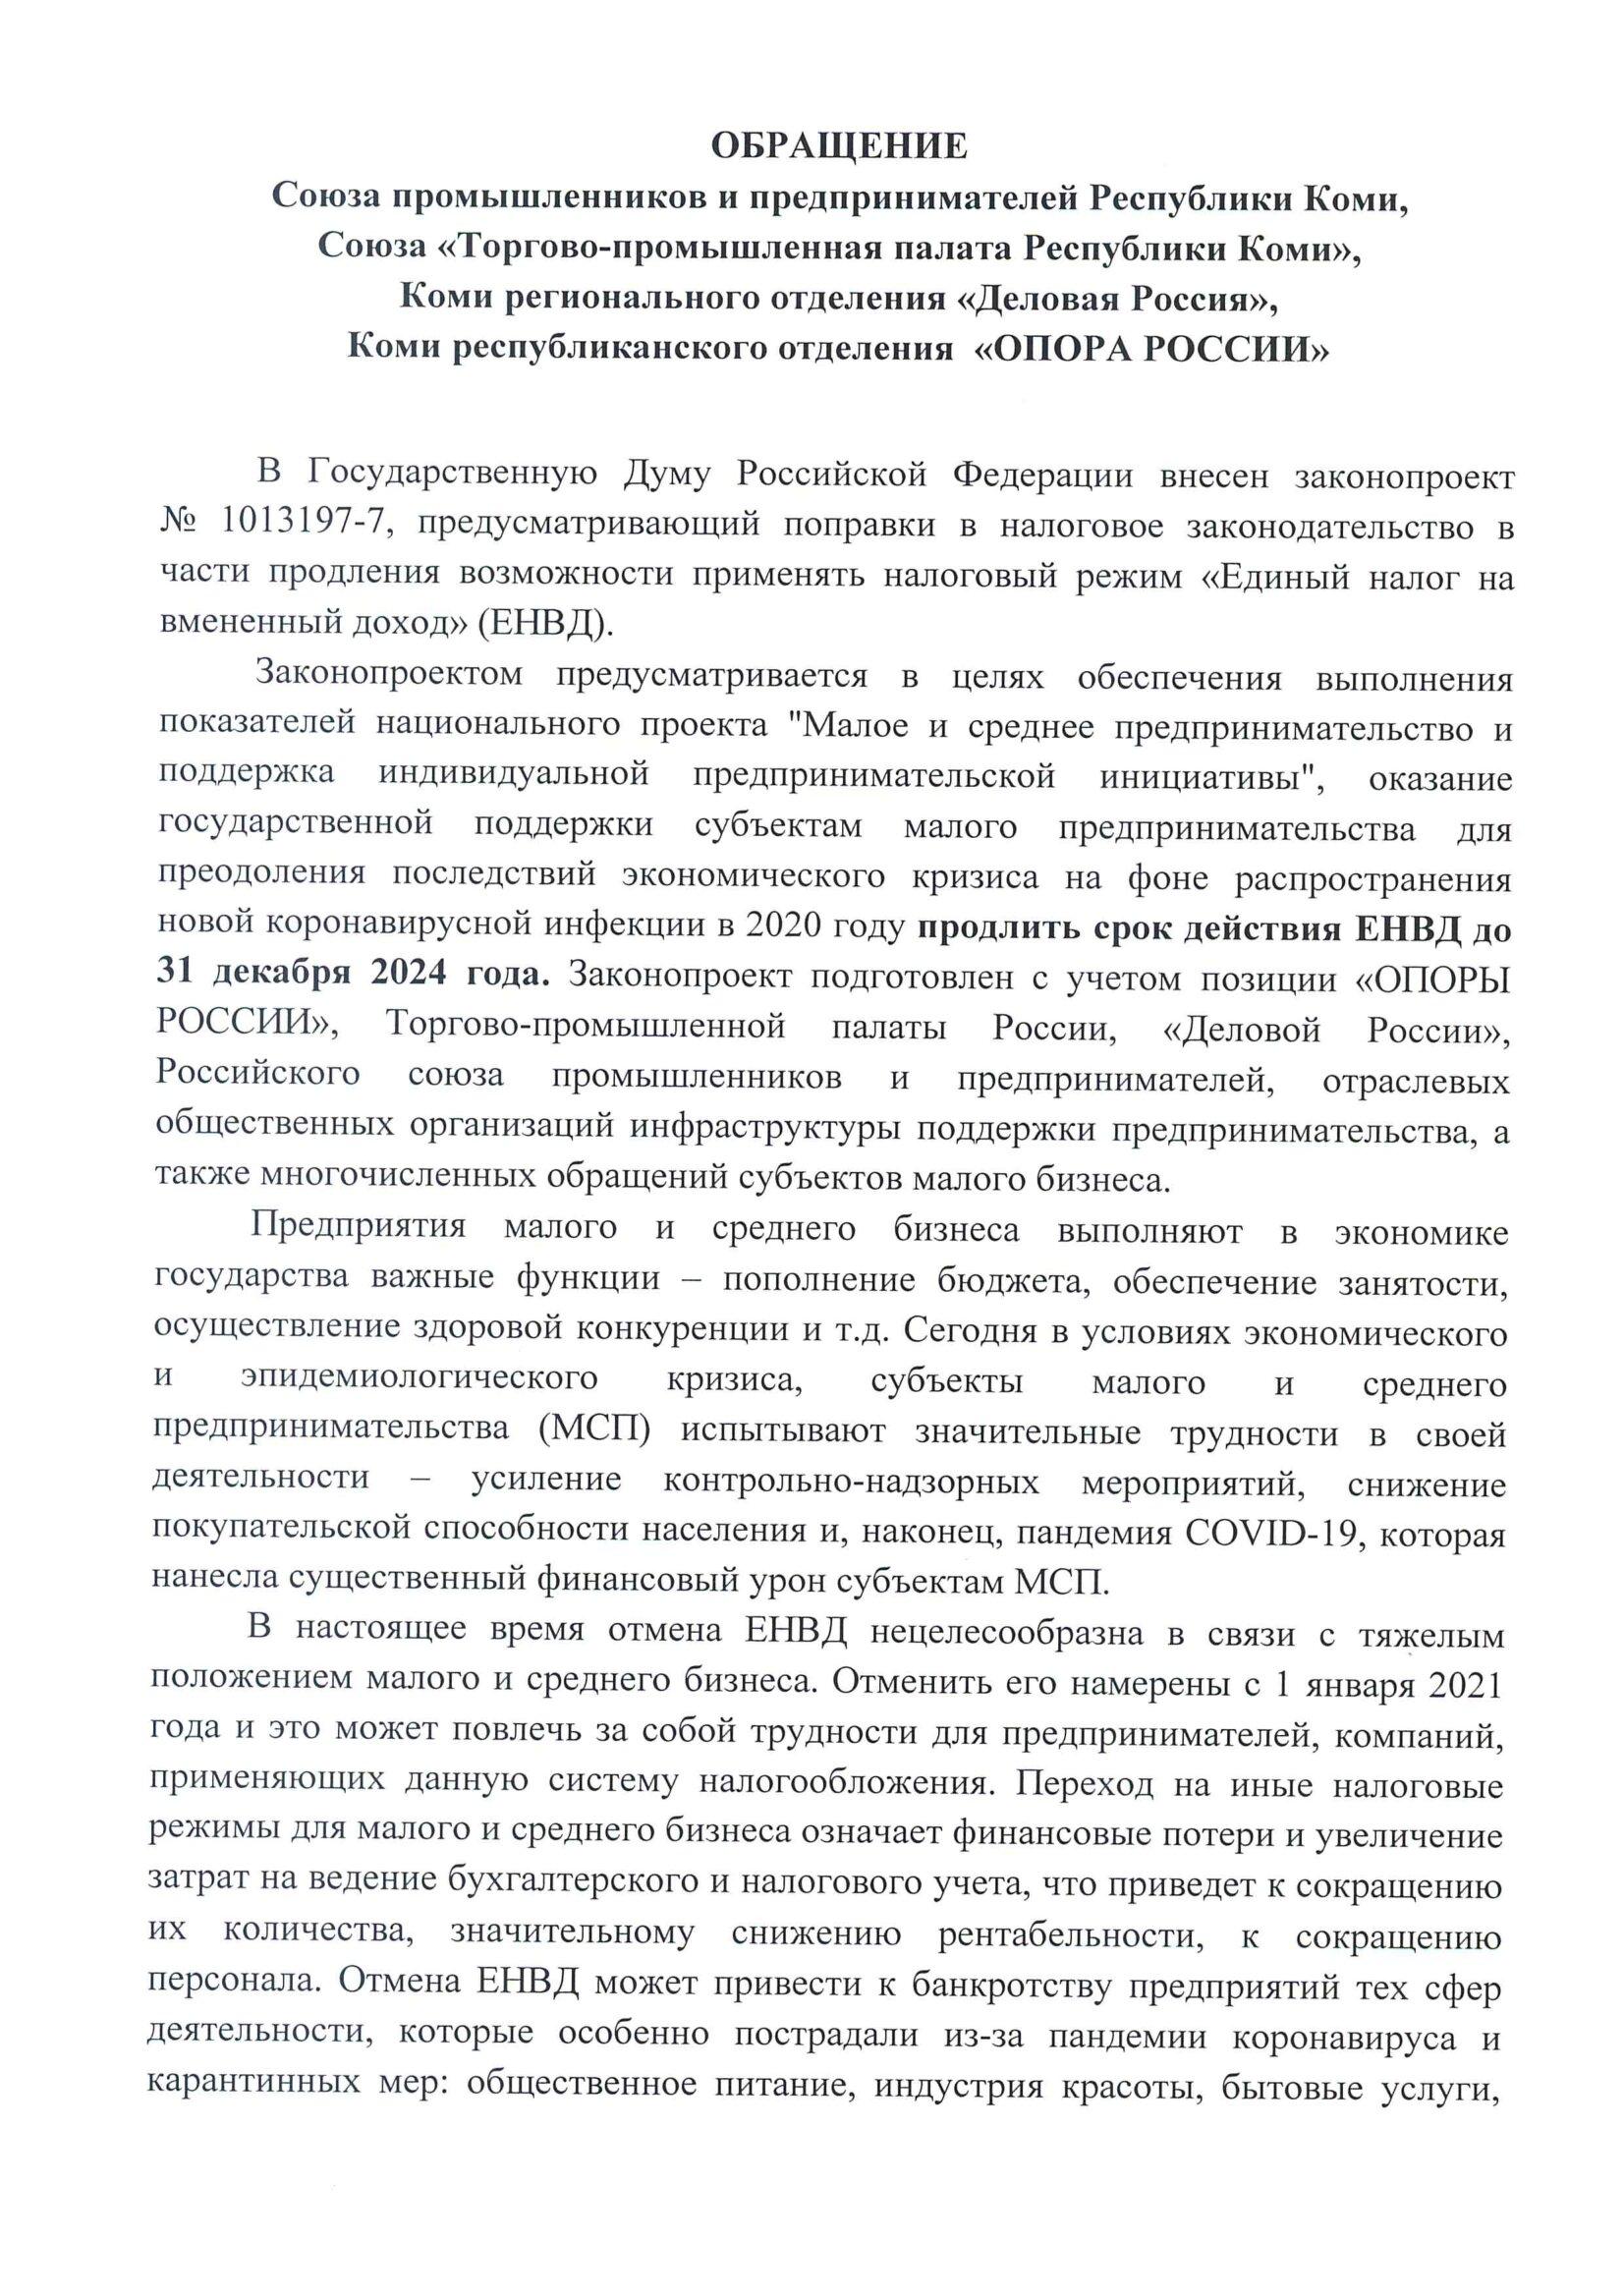 Tekst-obrascheniya-ot-reg.biznes-obed-RK_1.jpg